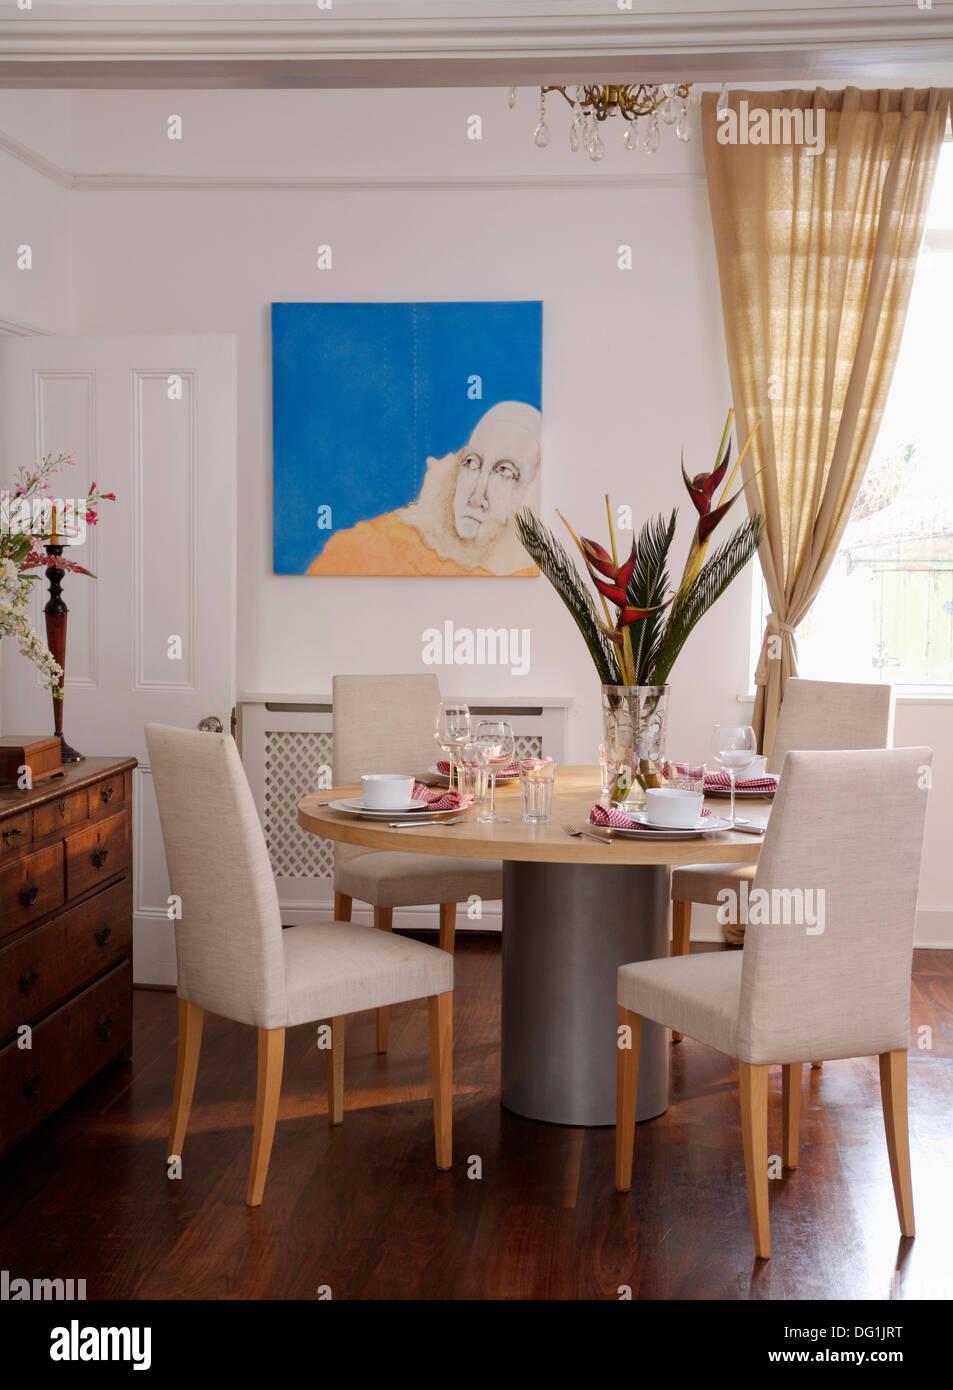 Weissen Polsterstuhle Und Modernen Runden Podest Tisch Weiss Esszimmer